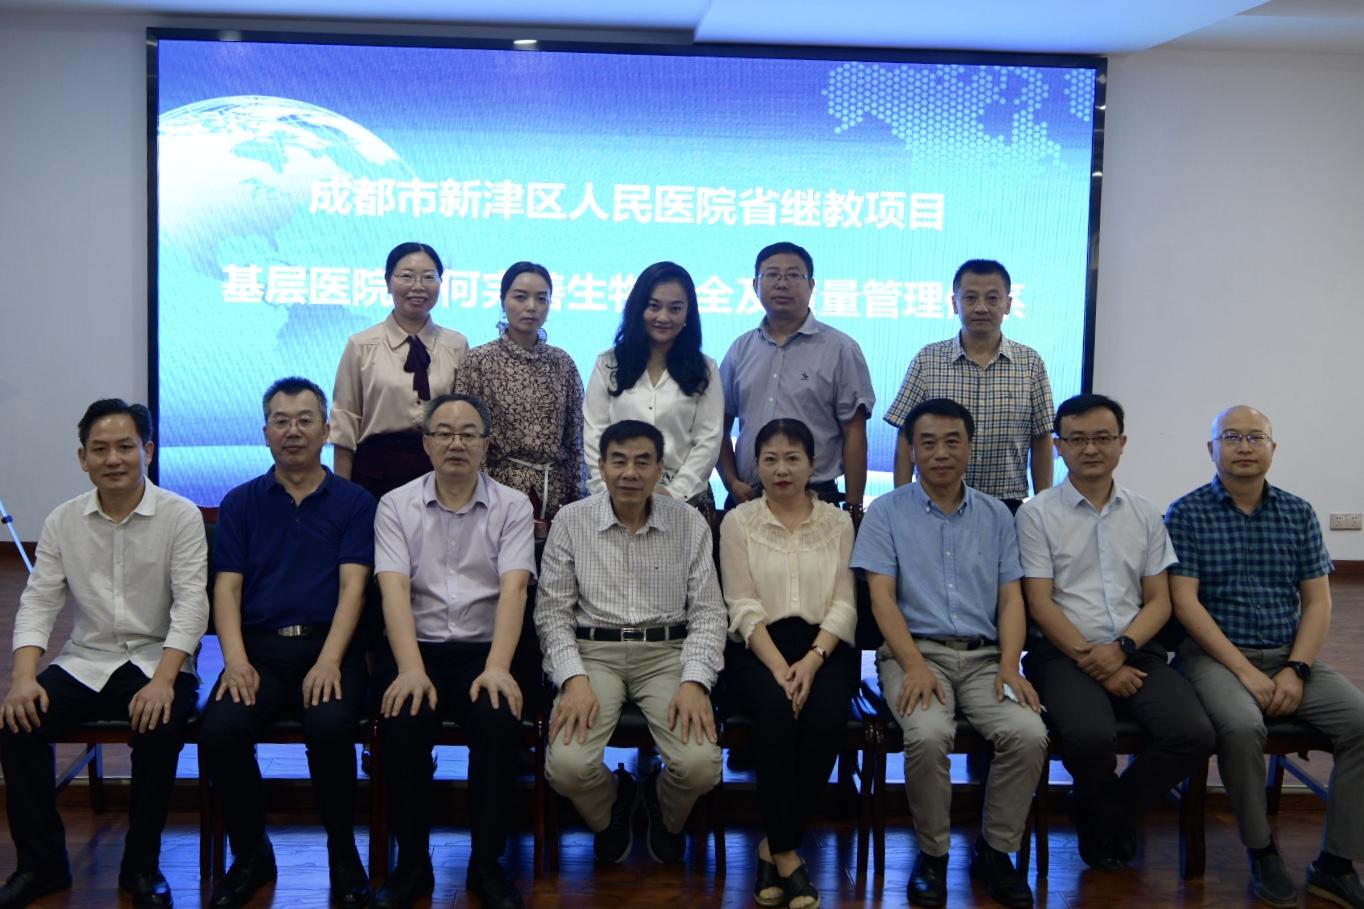 成都市新津区人民医院成功举办医学检验专业省级继续医学教育项目培训班